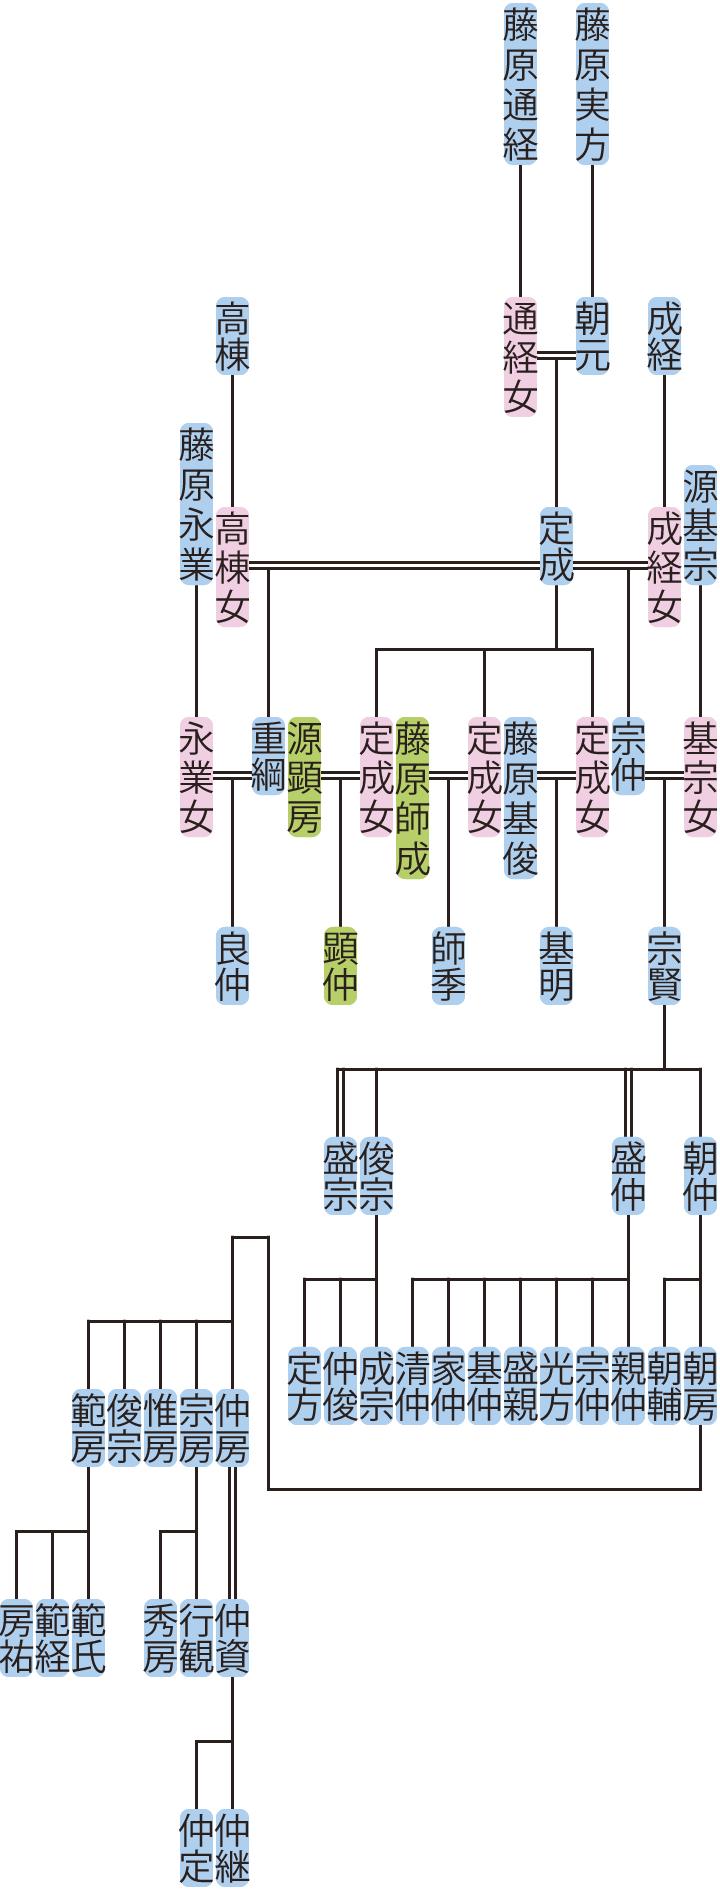 藤原定成の系図